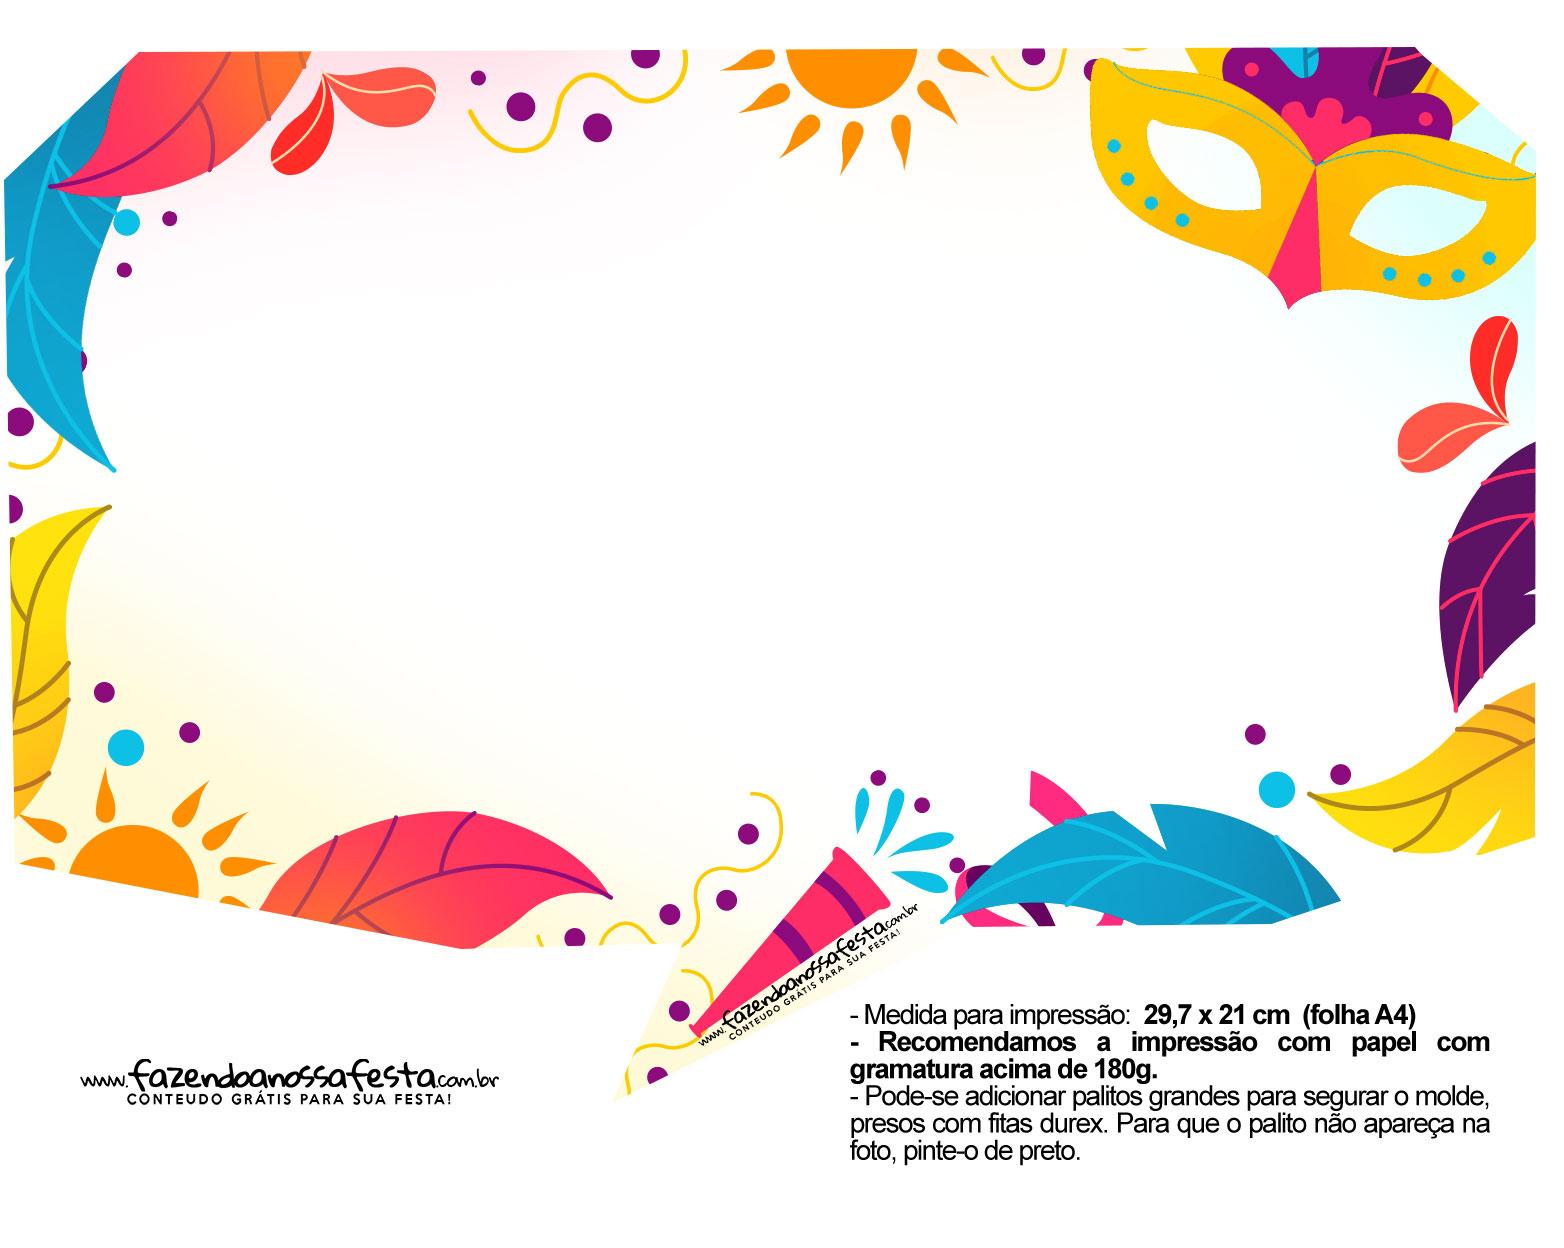 Plaquinhas divertidas de Carnaval gratis 55